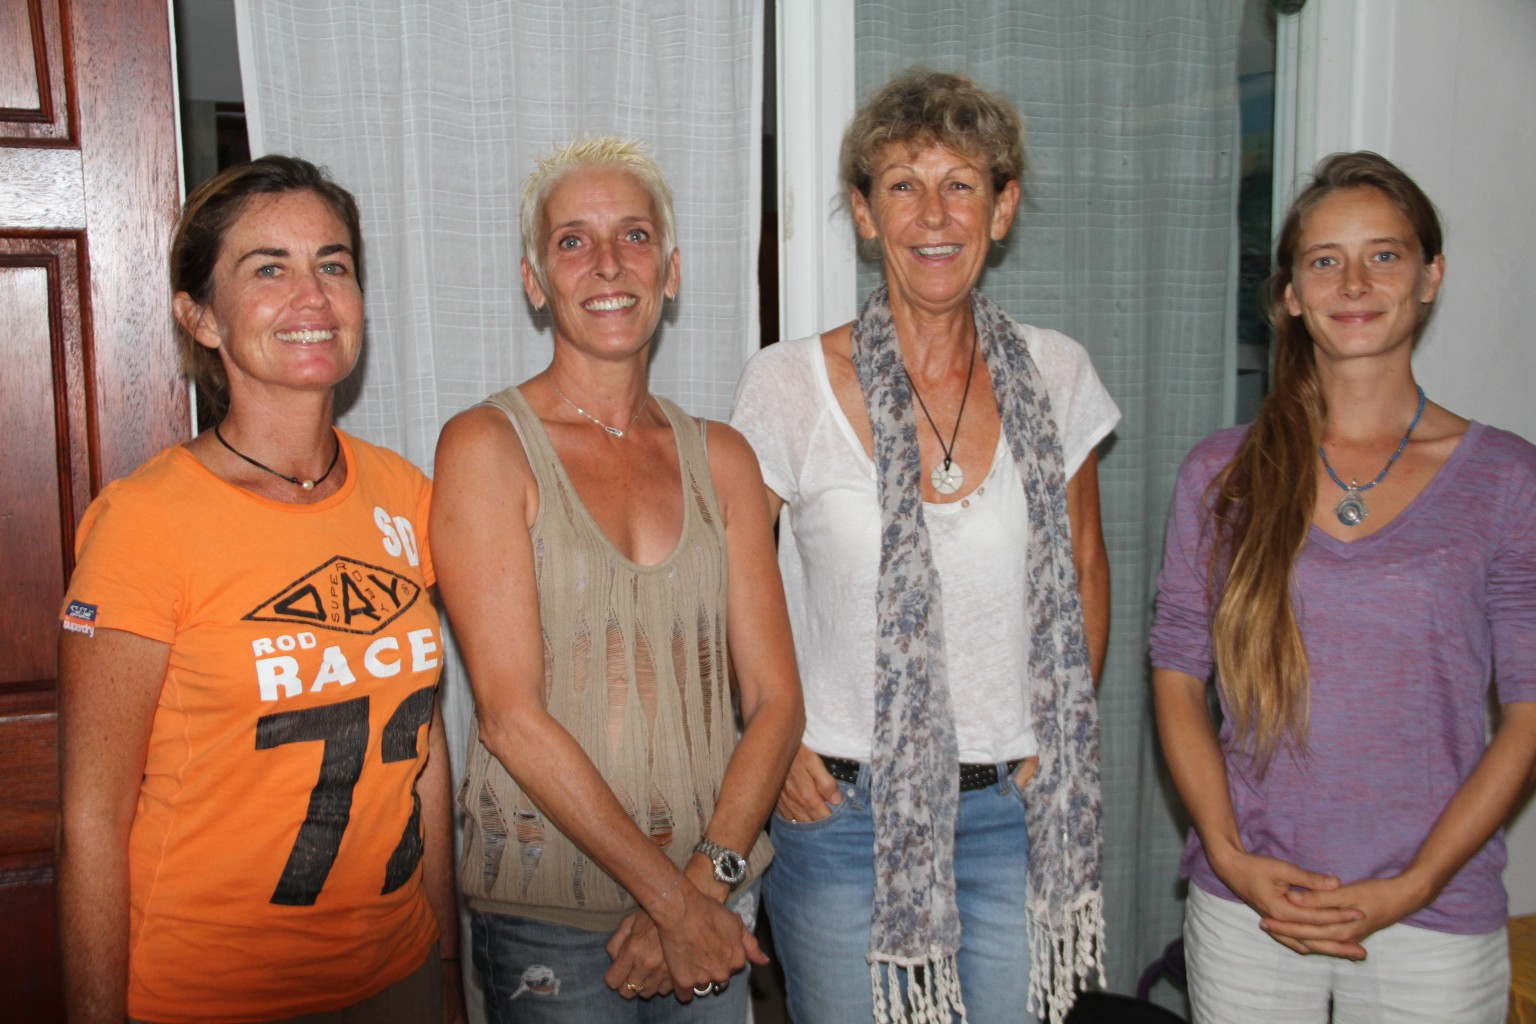 Le nouveau bureau de l'assocaition (de gauche à droite) : Hélène Bernier, Nathalie Chenot, Brigitte Feillet, Clémence Jarry. Christine Schiltz absente sur la photo.